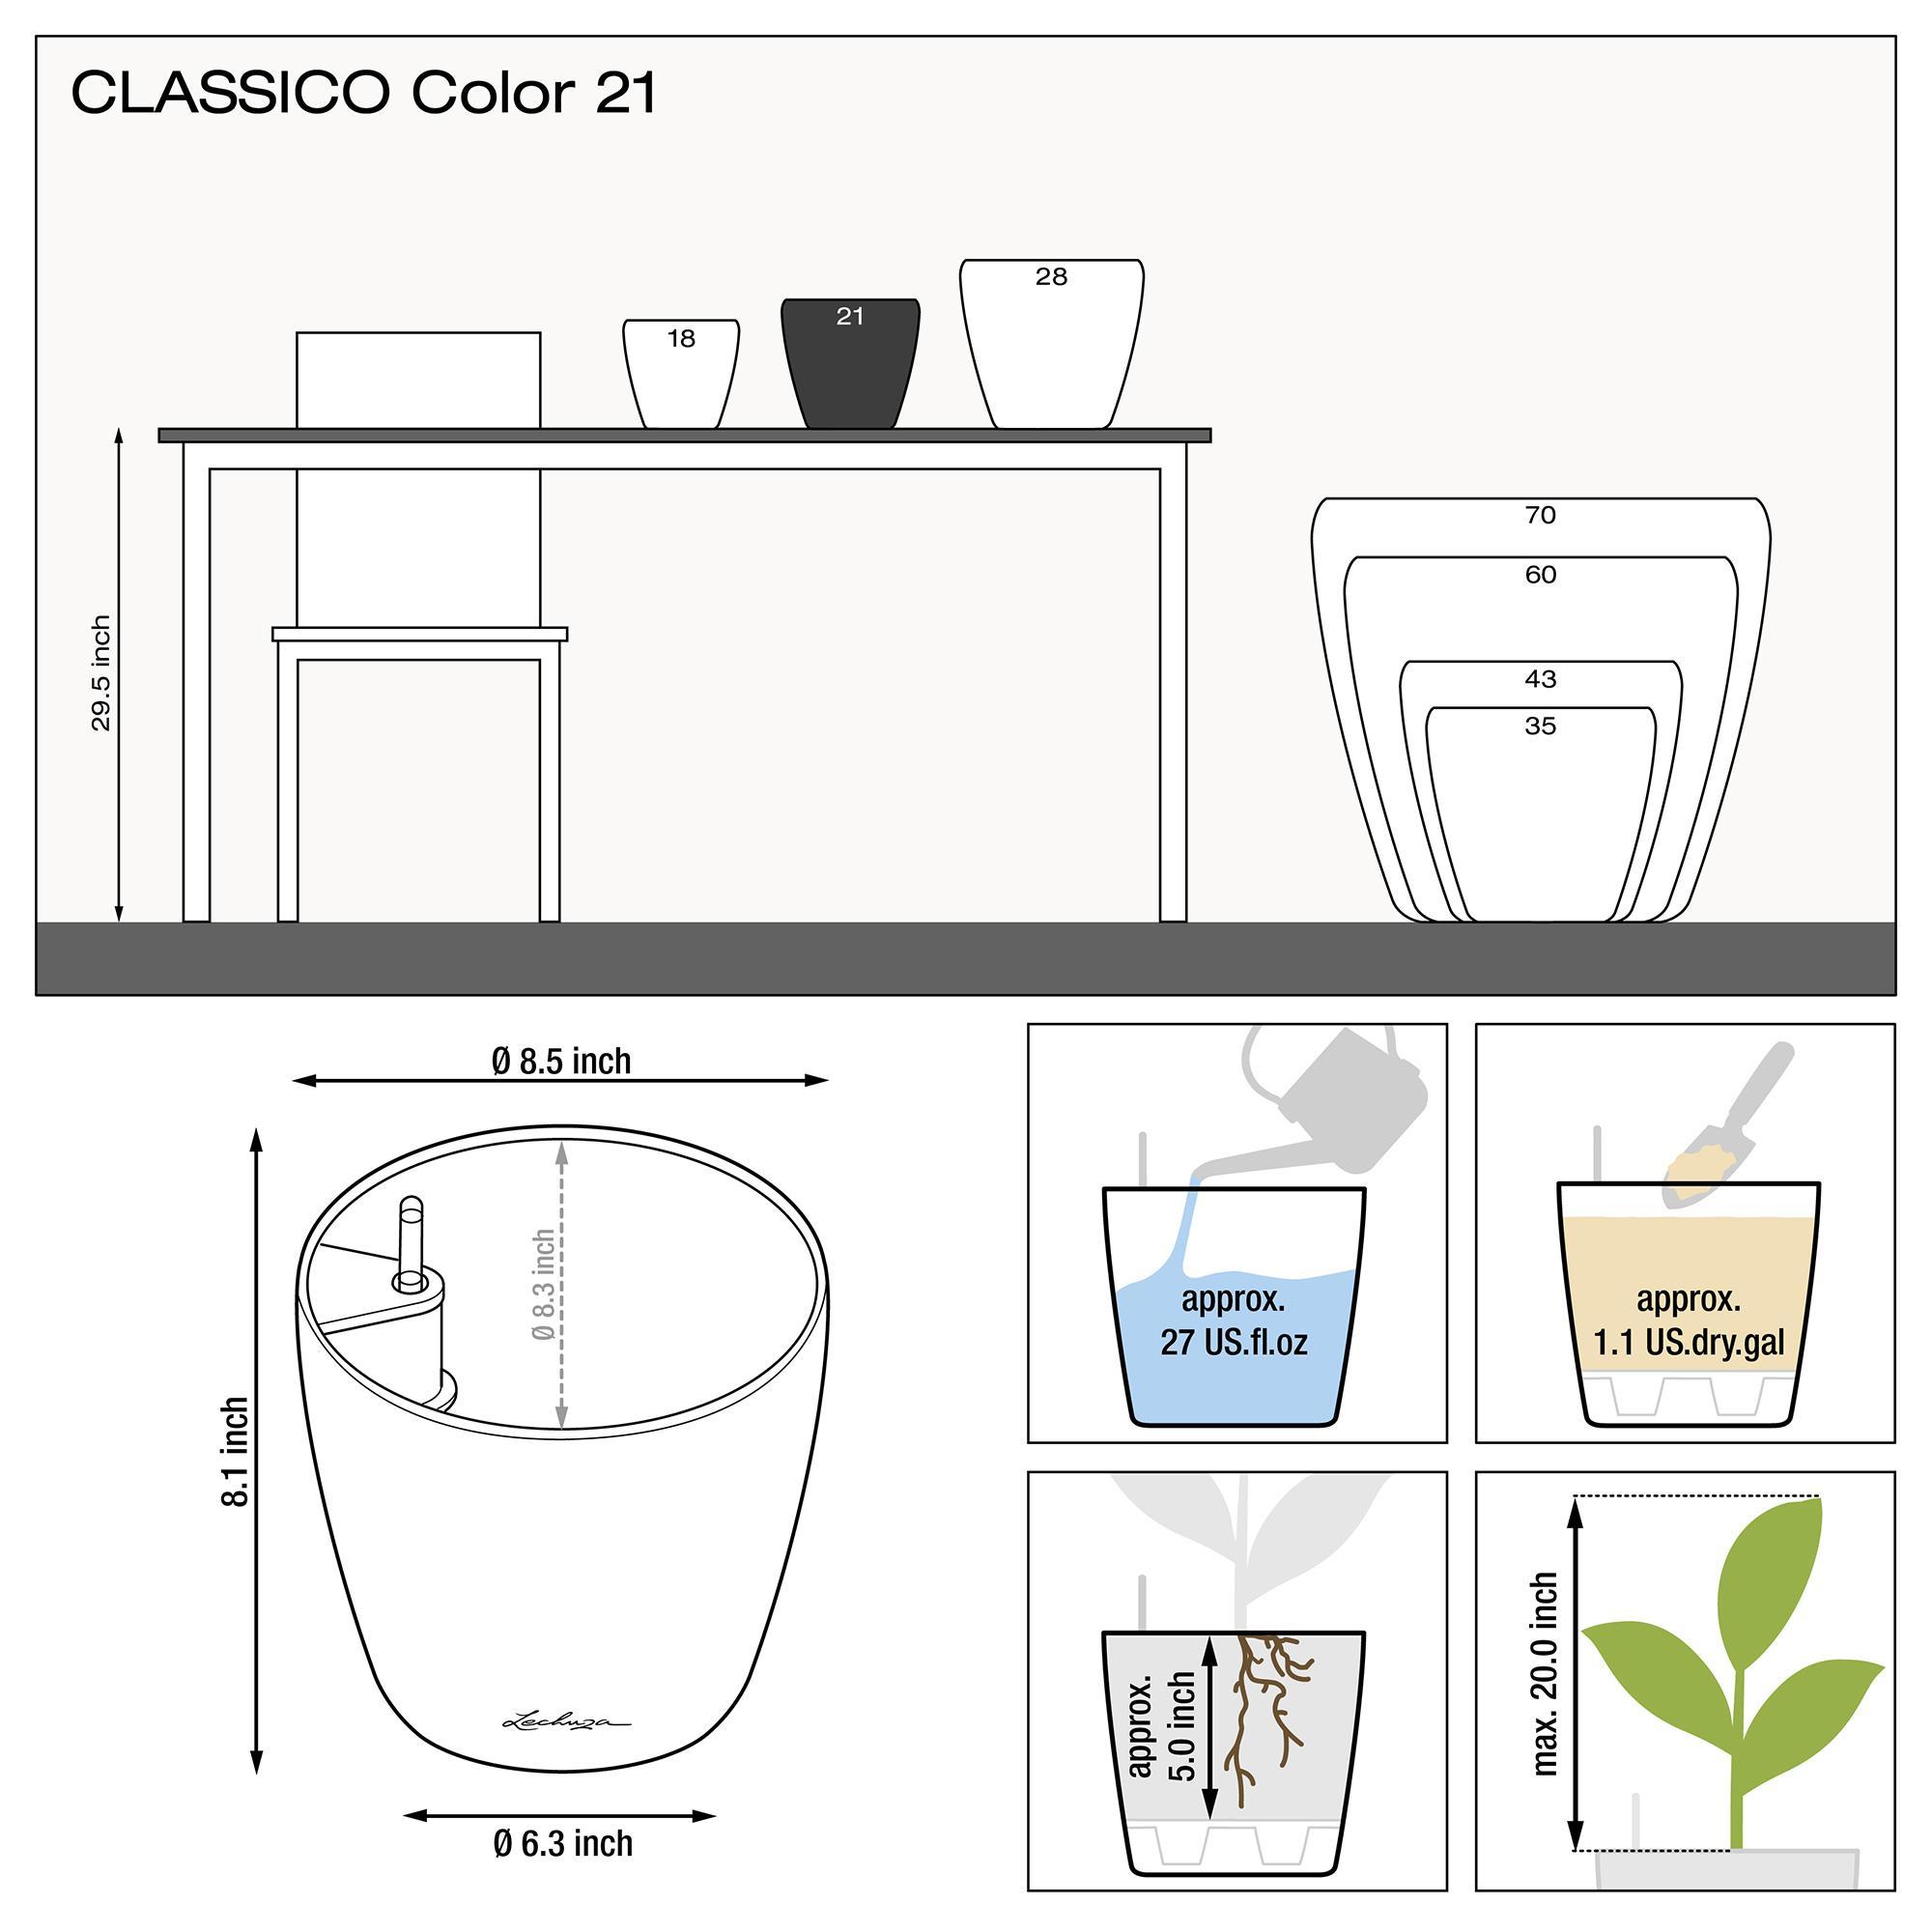 le_classico-color21_product_addi_nz_us